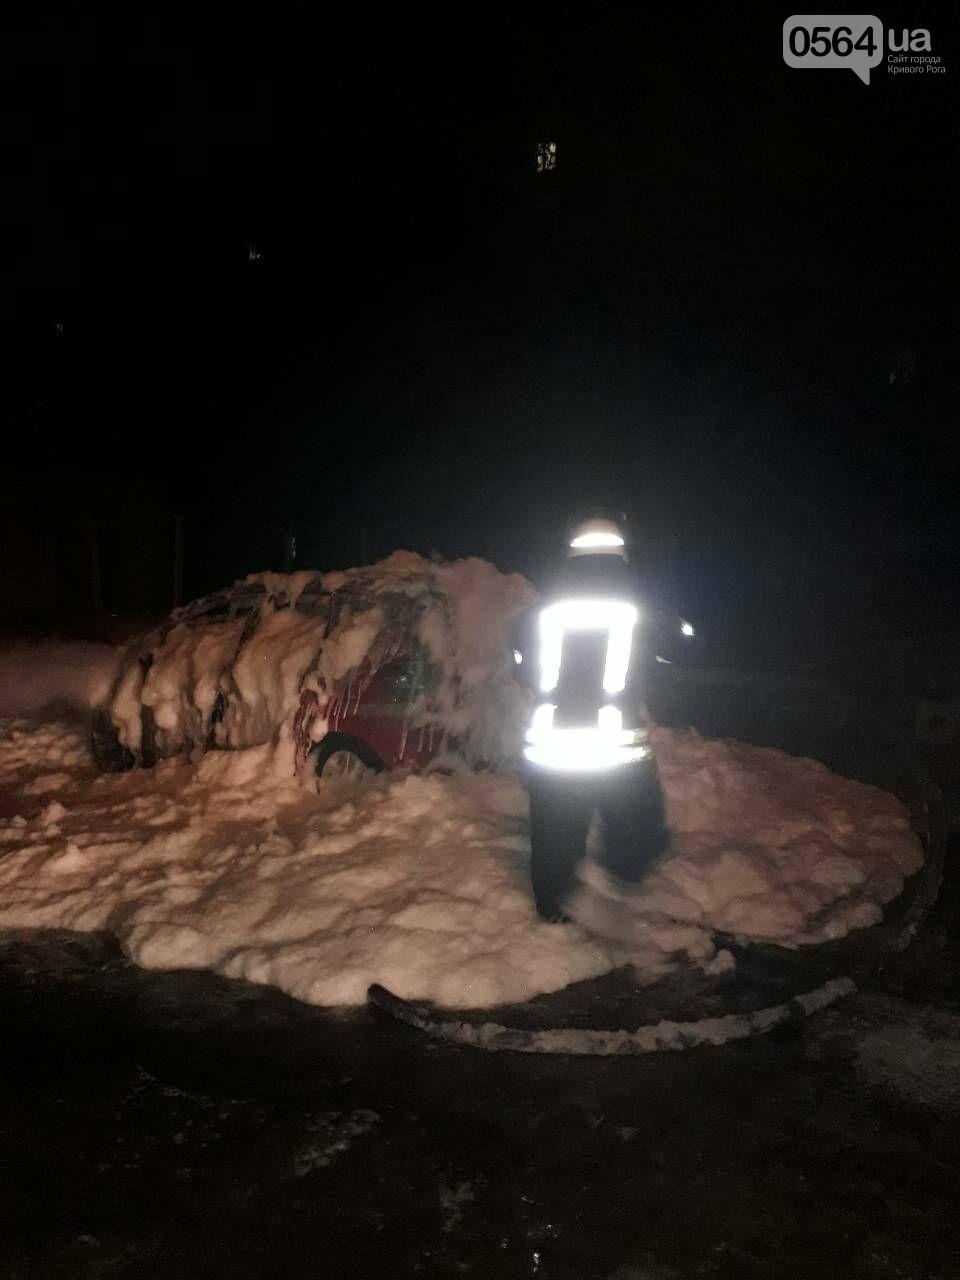 В Кривом Роге сгорела иномарка. Под соседним авто найдены улики возможного поджога (ФОТО) , фото-2